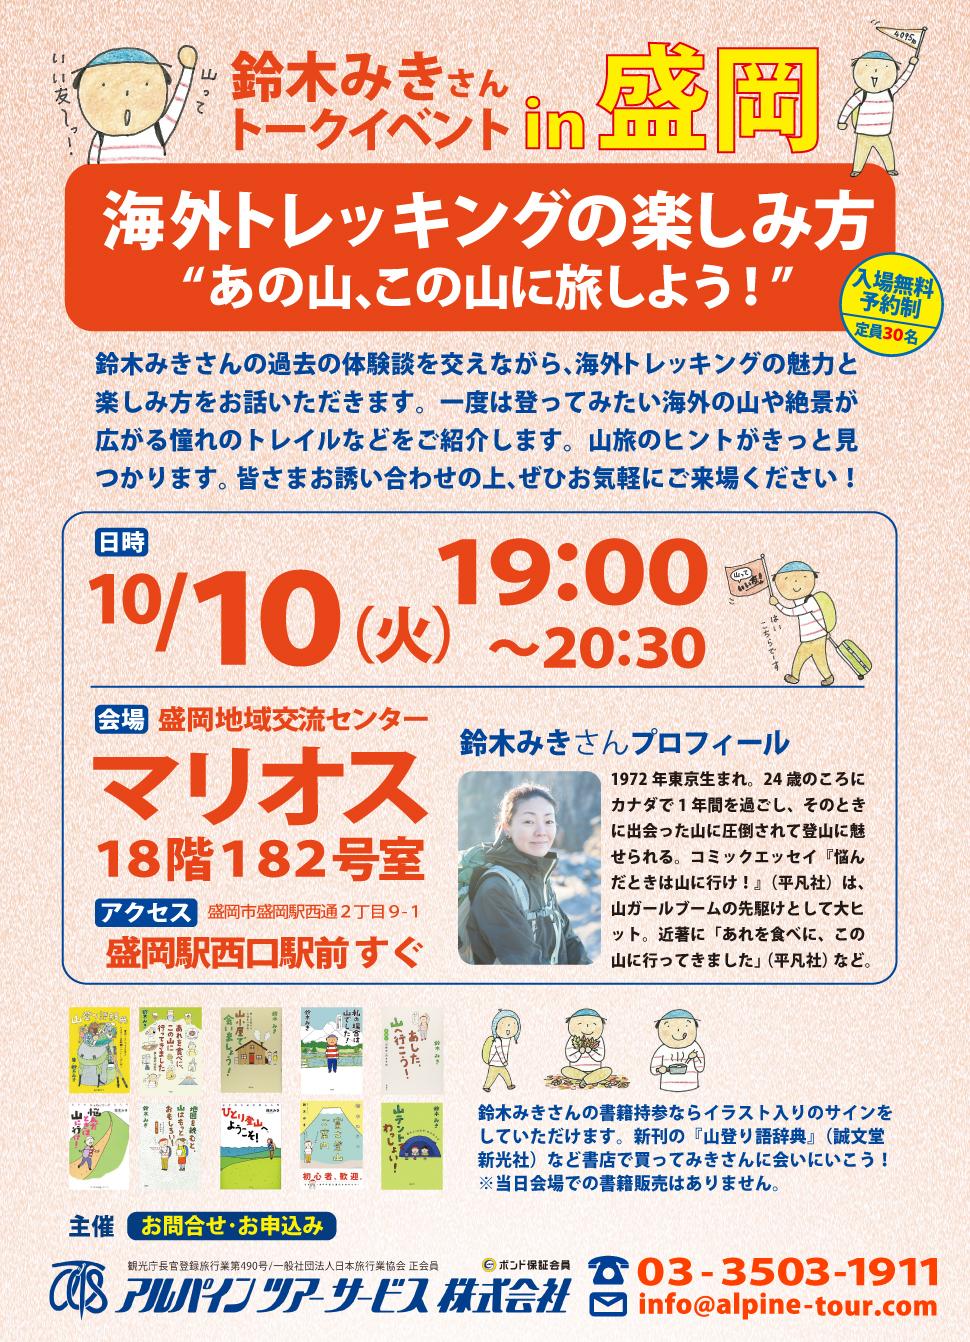 【盛岡】鈴木みきさんトークイベント「海外トレッキングの楽しみ方」